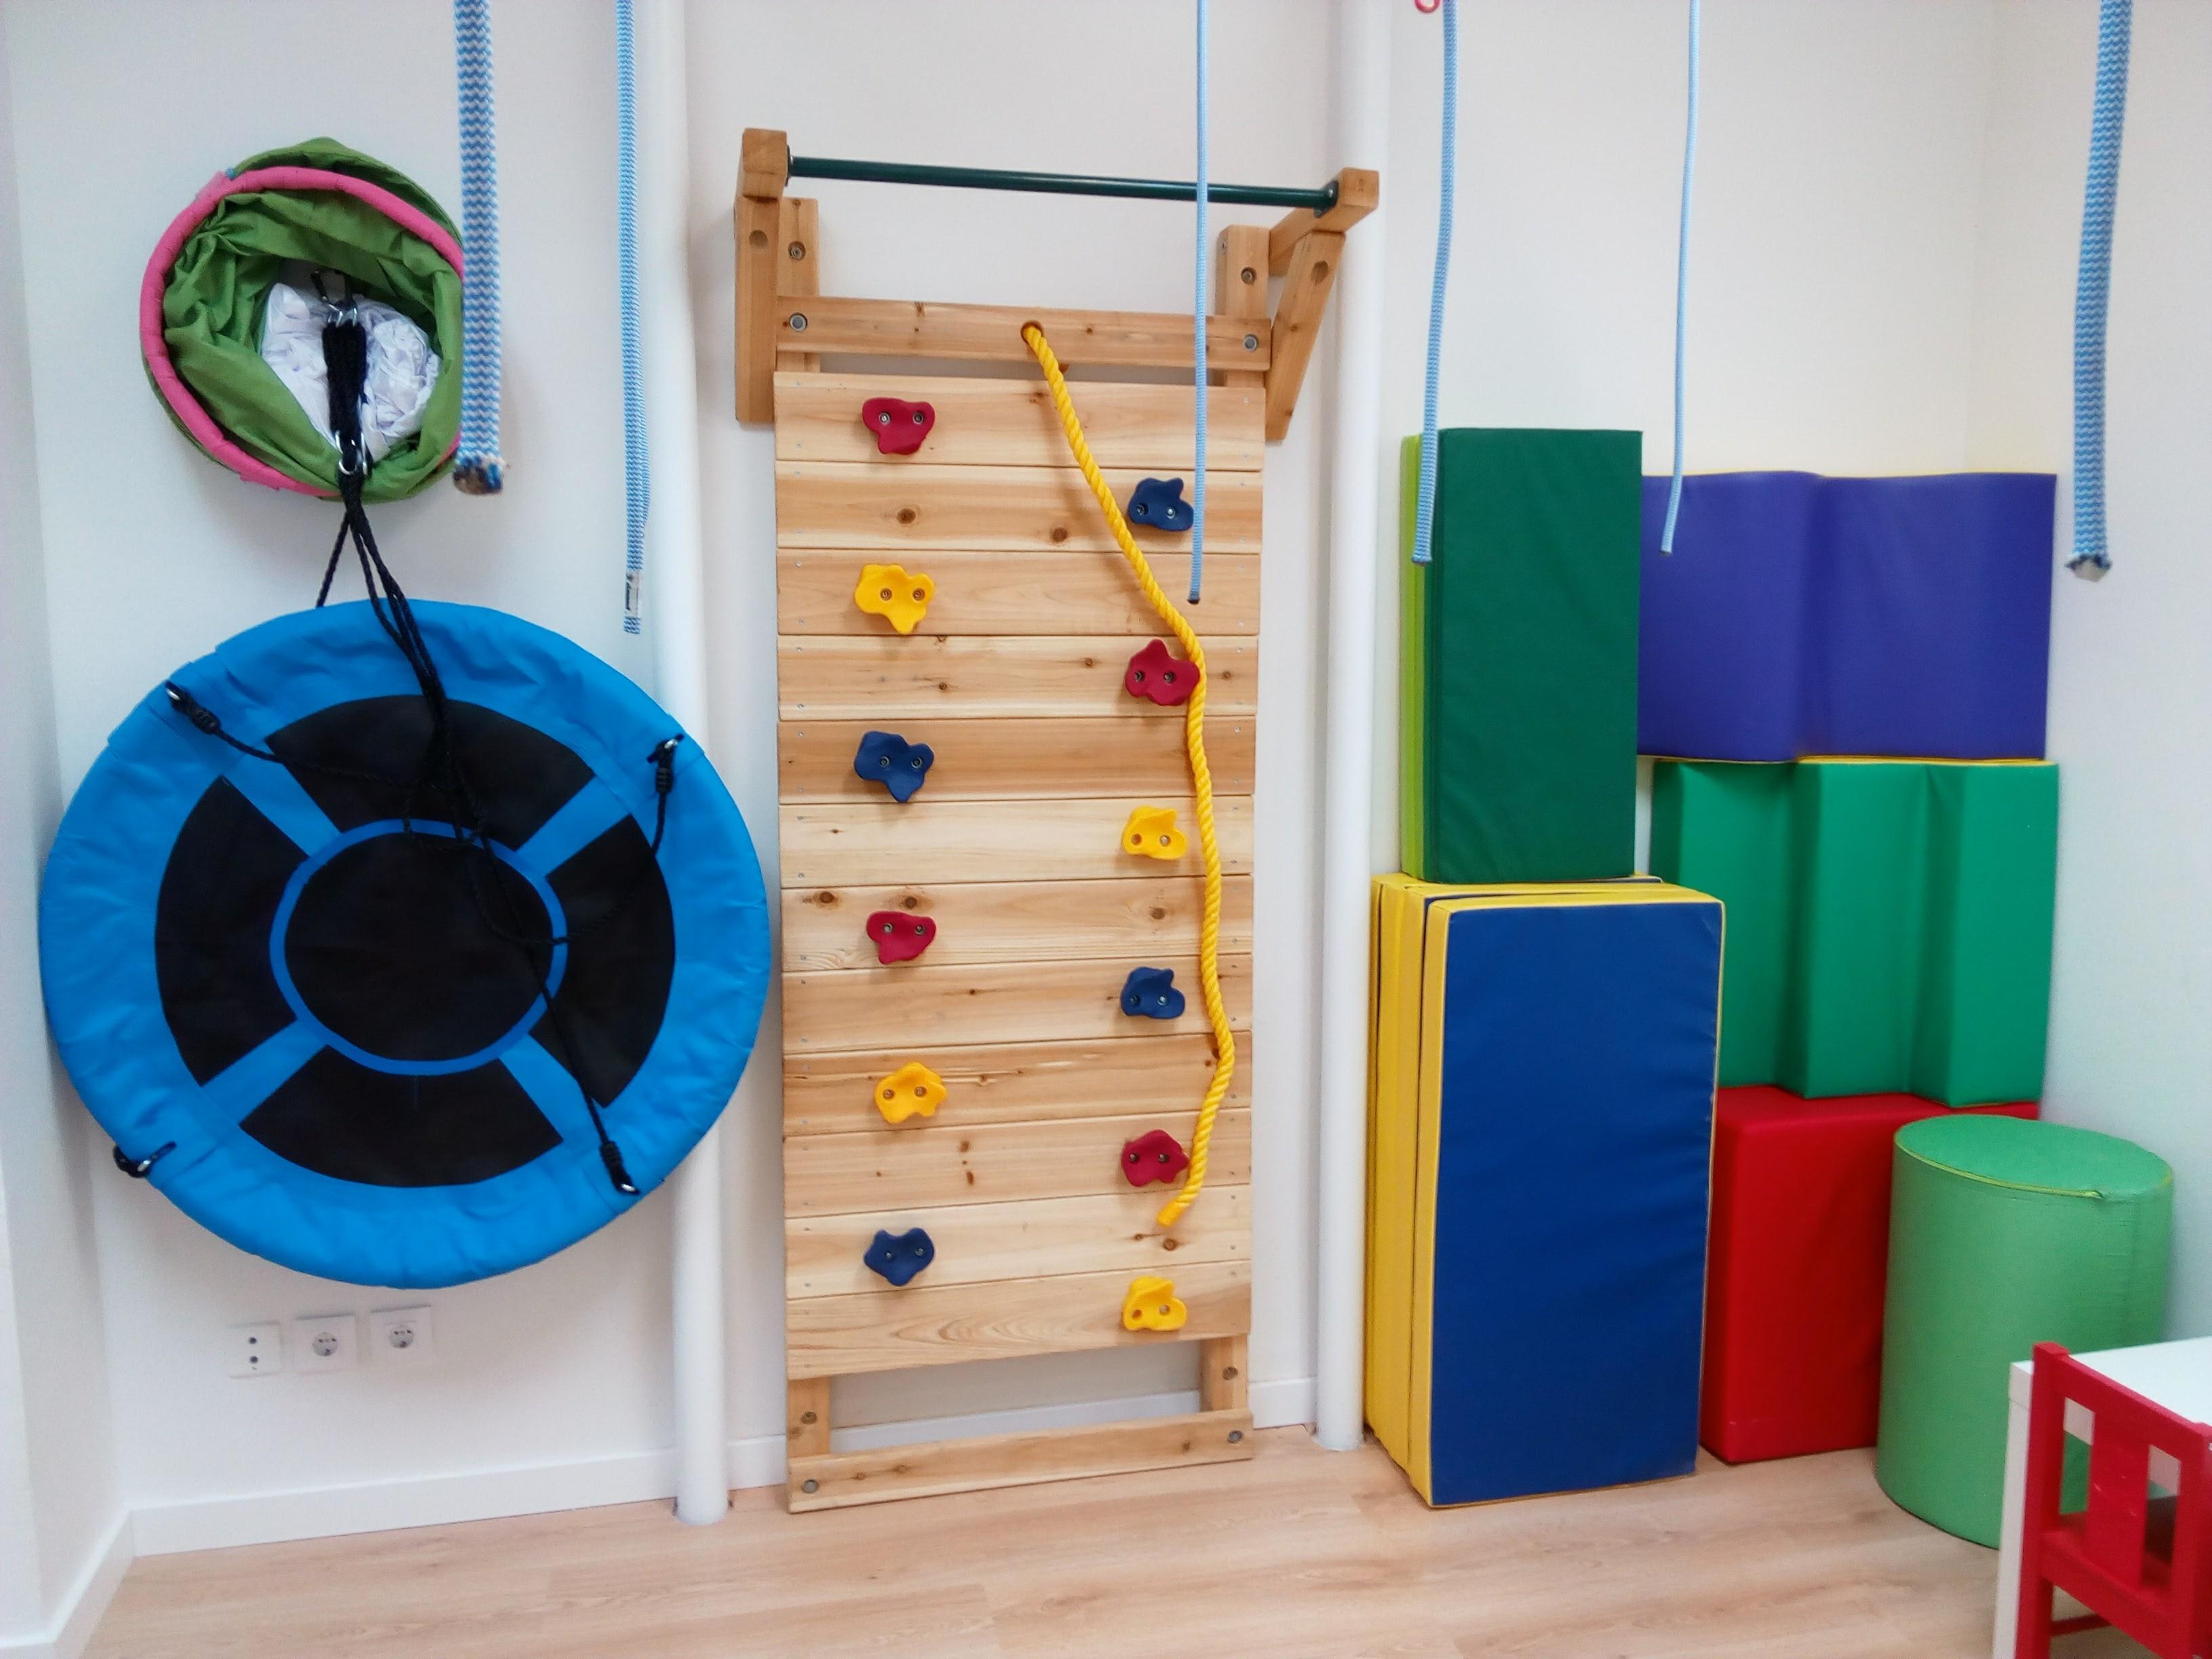 Equipamiento de una de las salas con un rocódromo,colchonetas,cojines,columpio y una red de lianas de las que colgarse